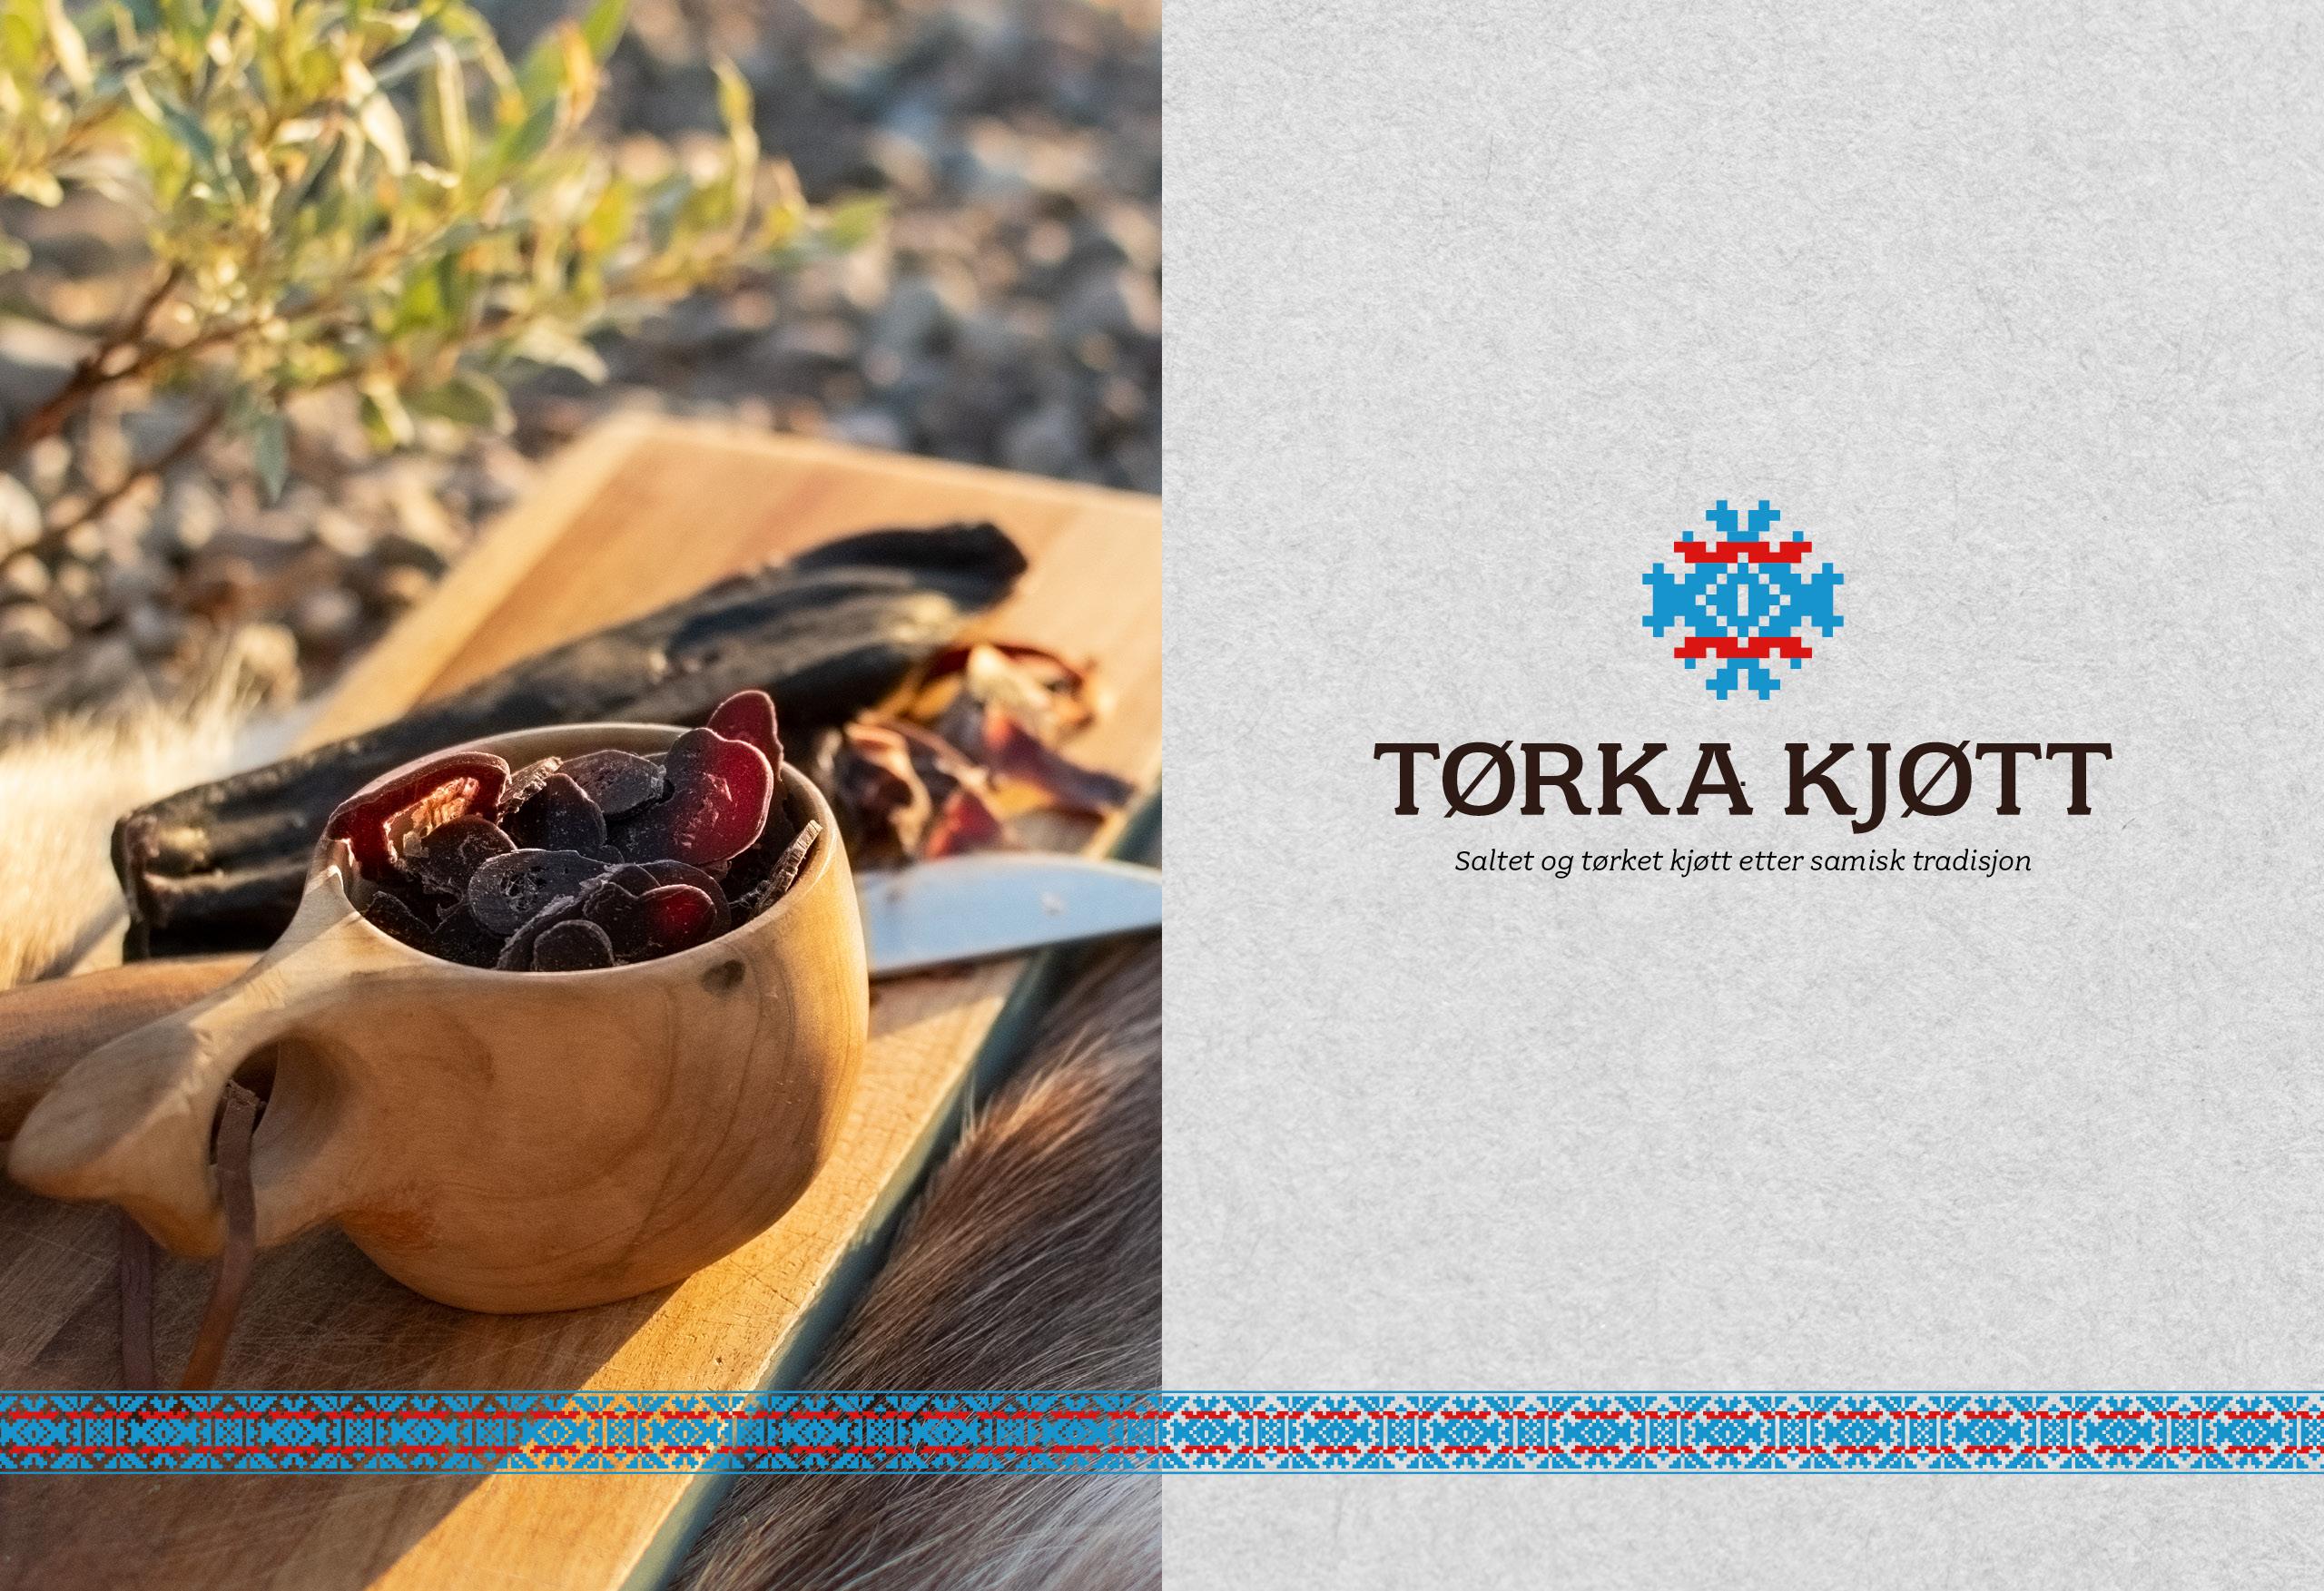 Logo og produktfoto. Tørket kjøtt på trefjøl med samekniv og trekopp